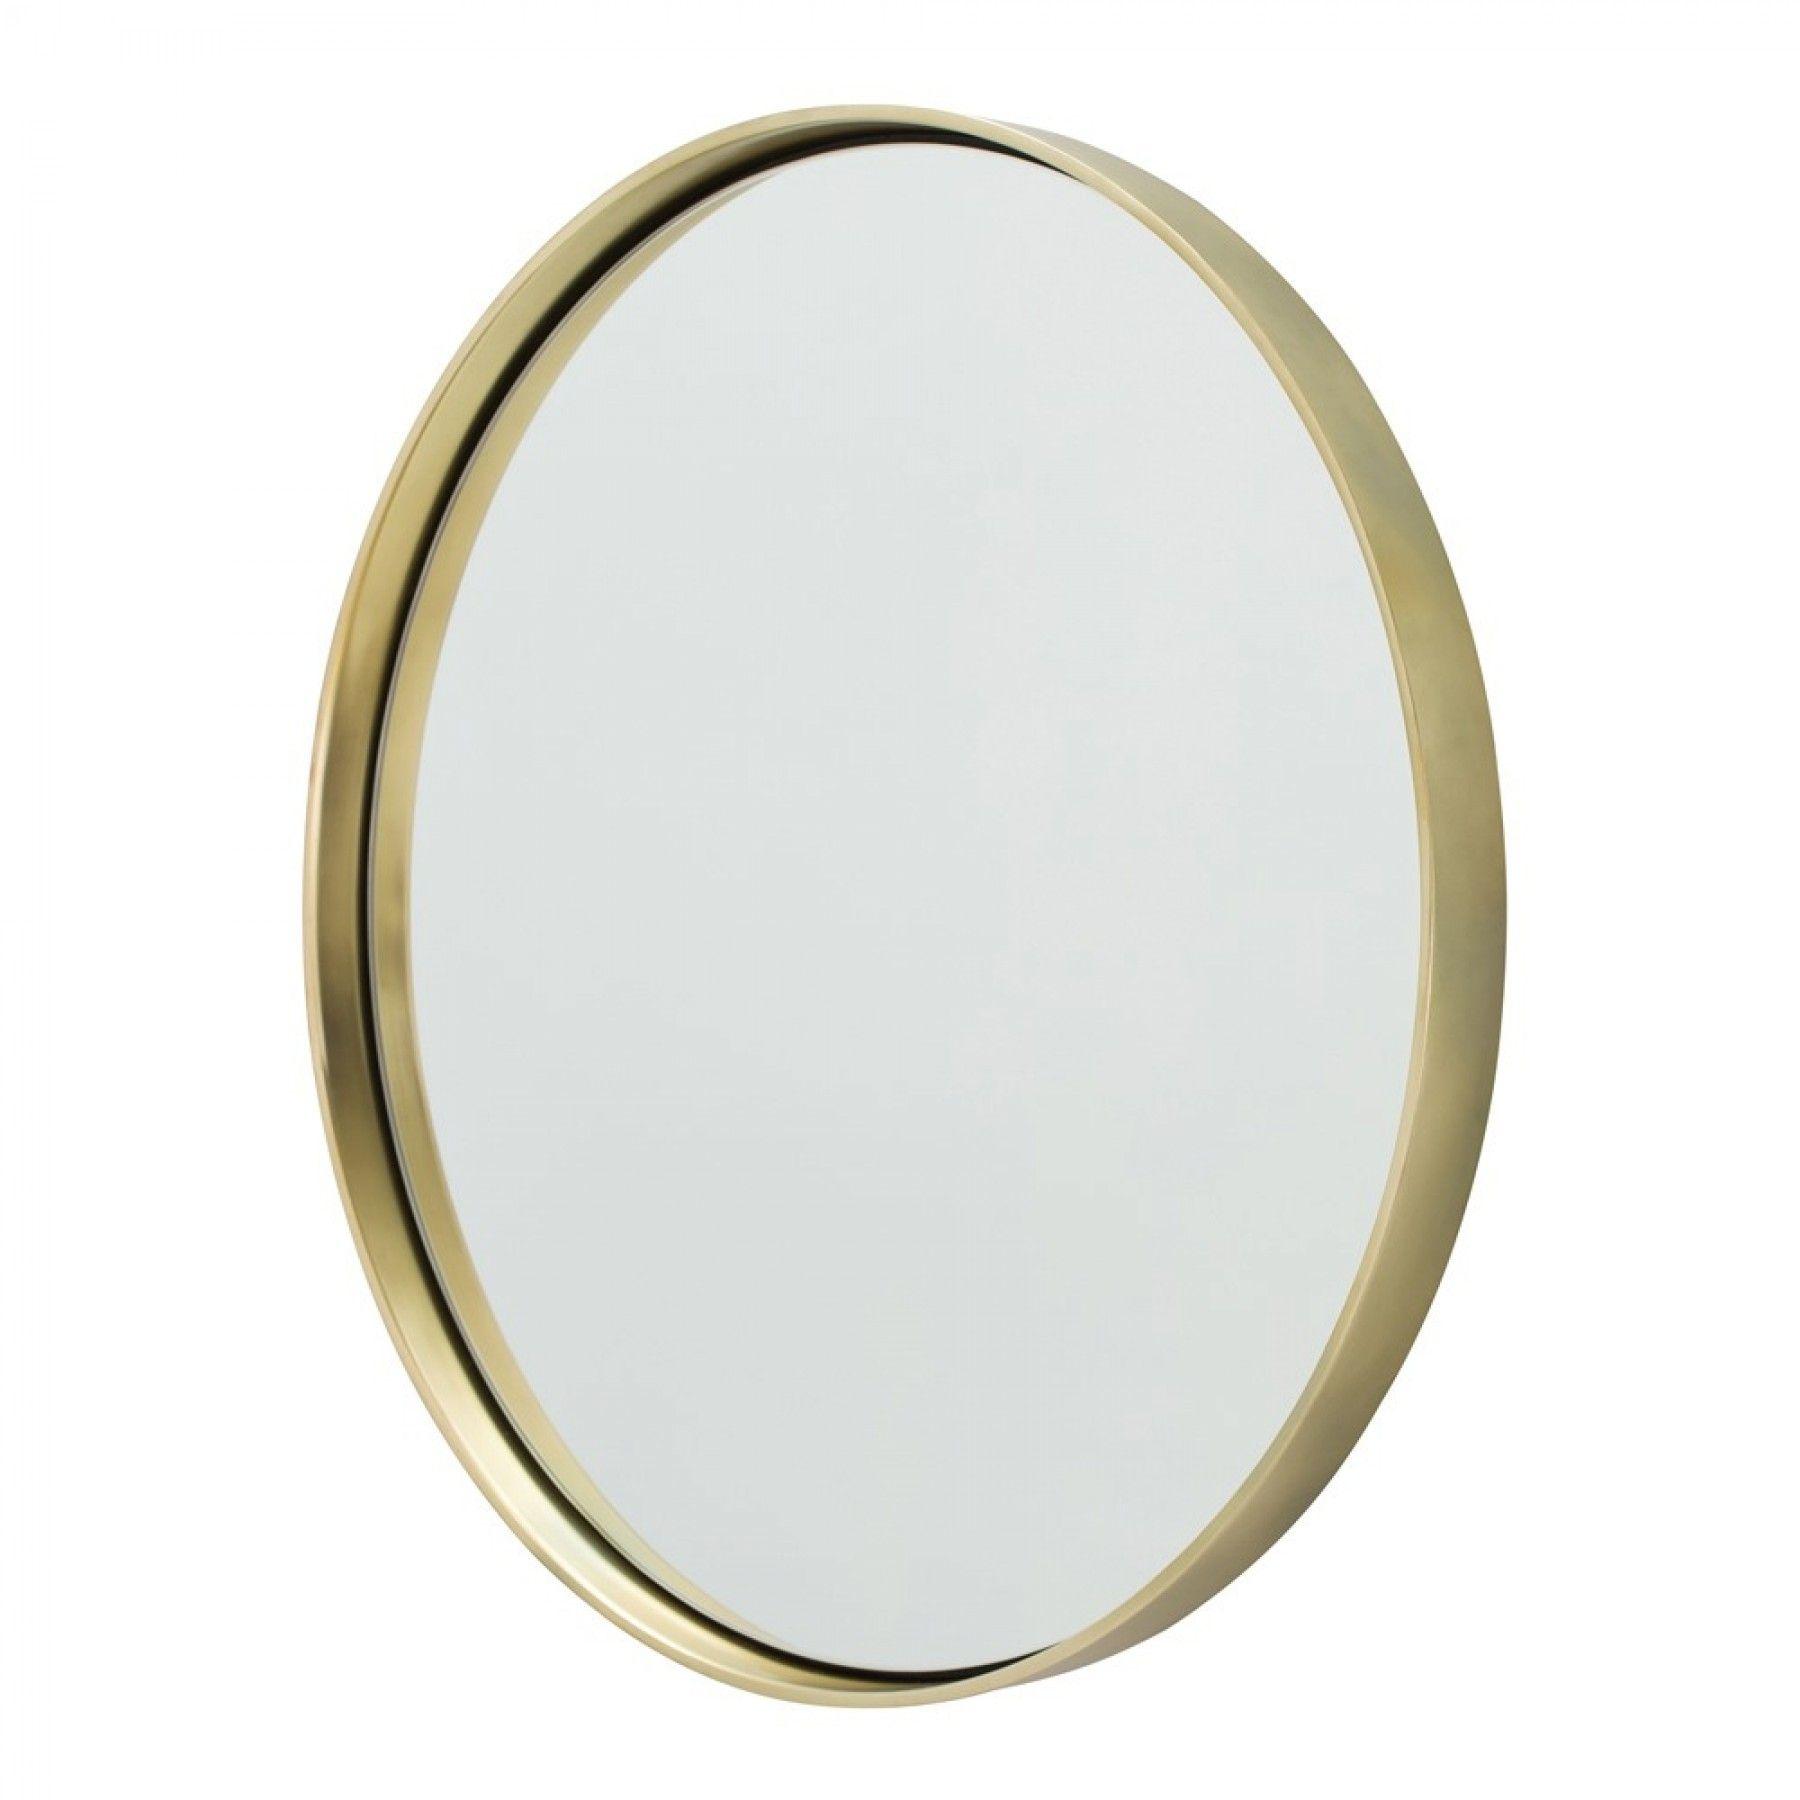 ollie mirror  mirrors  pinterest  mirror - mirror